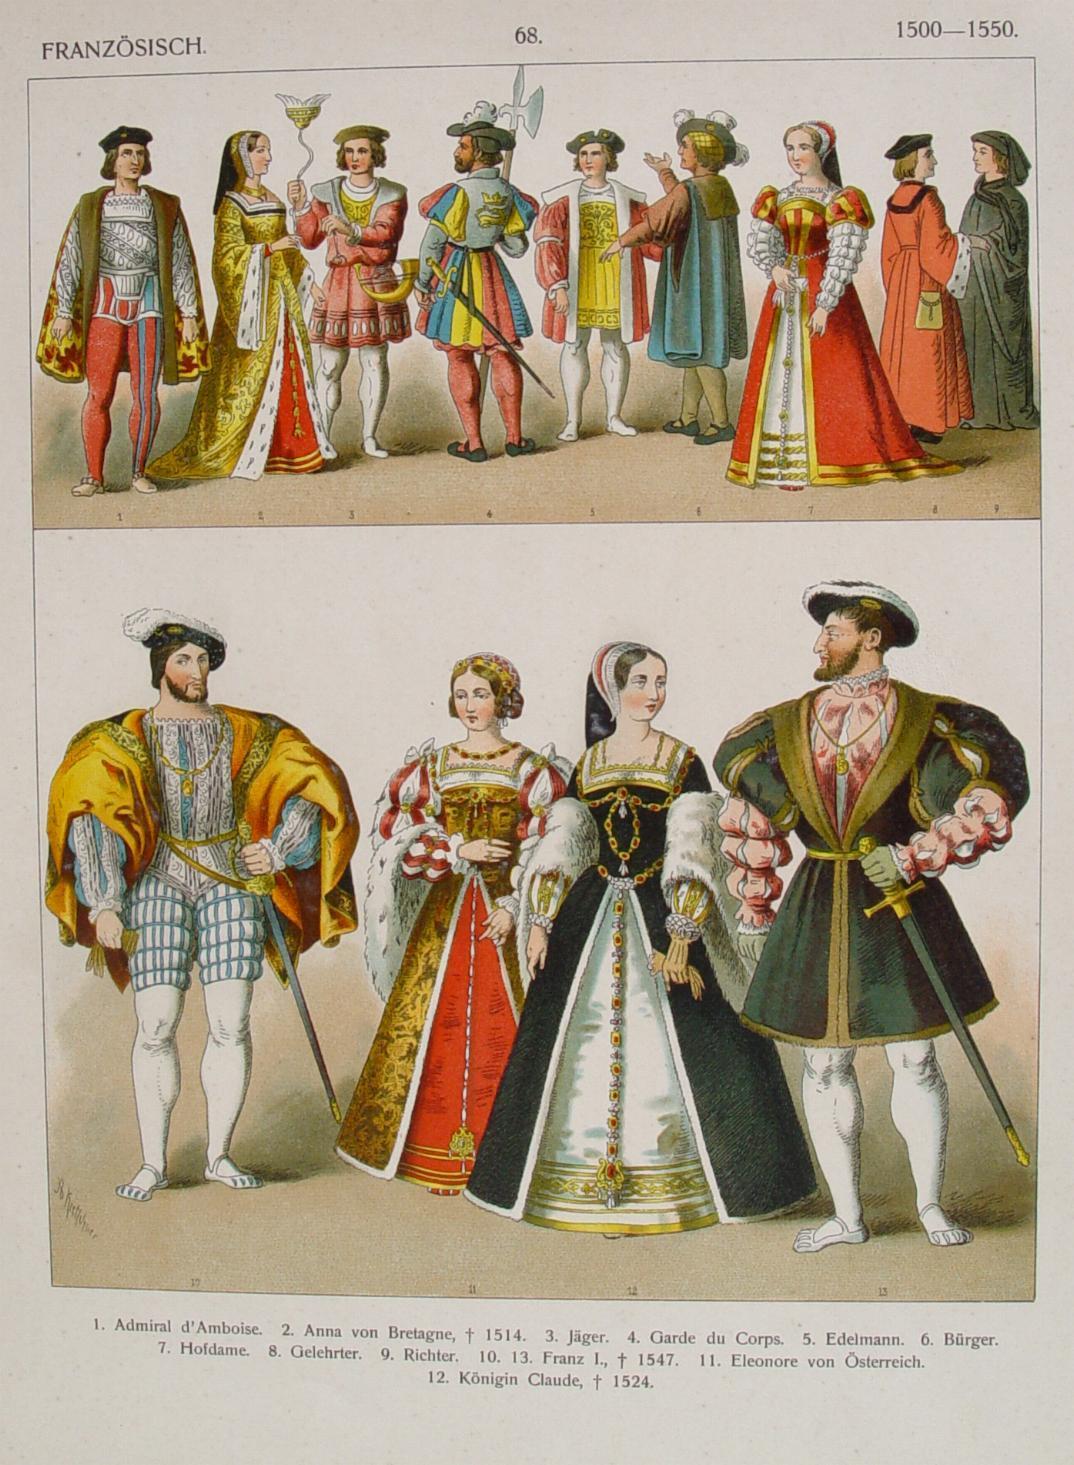 mode und kleidung im frankreich der frühen